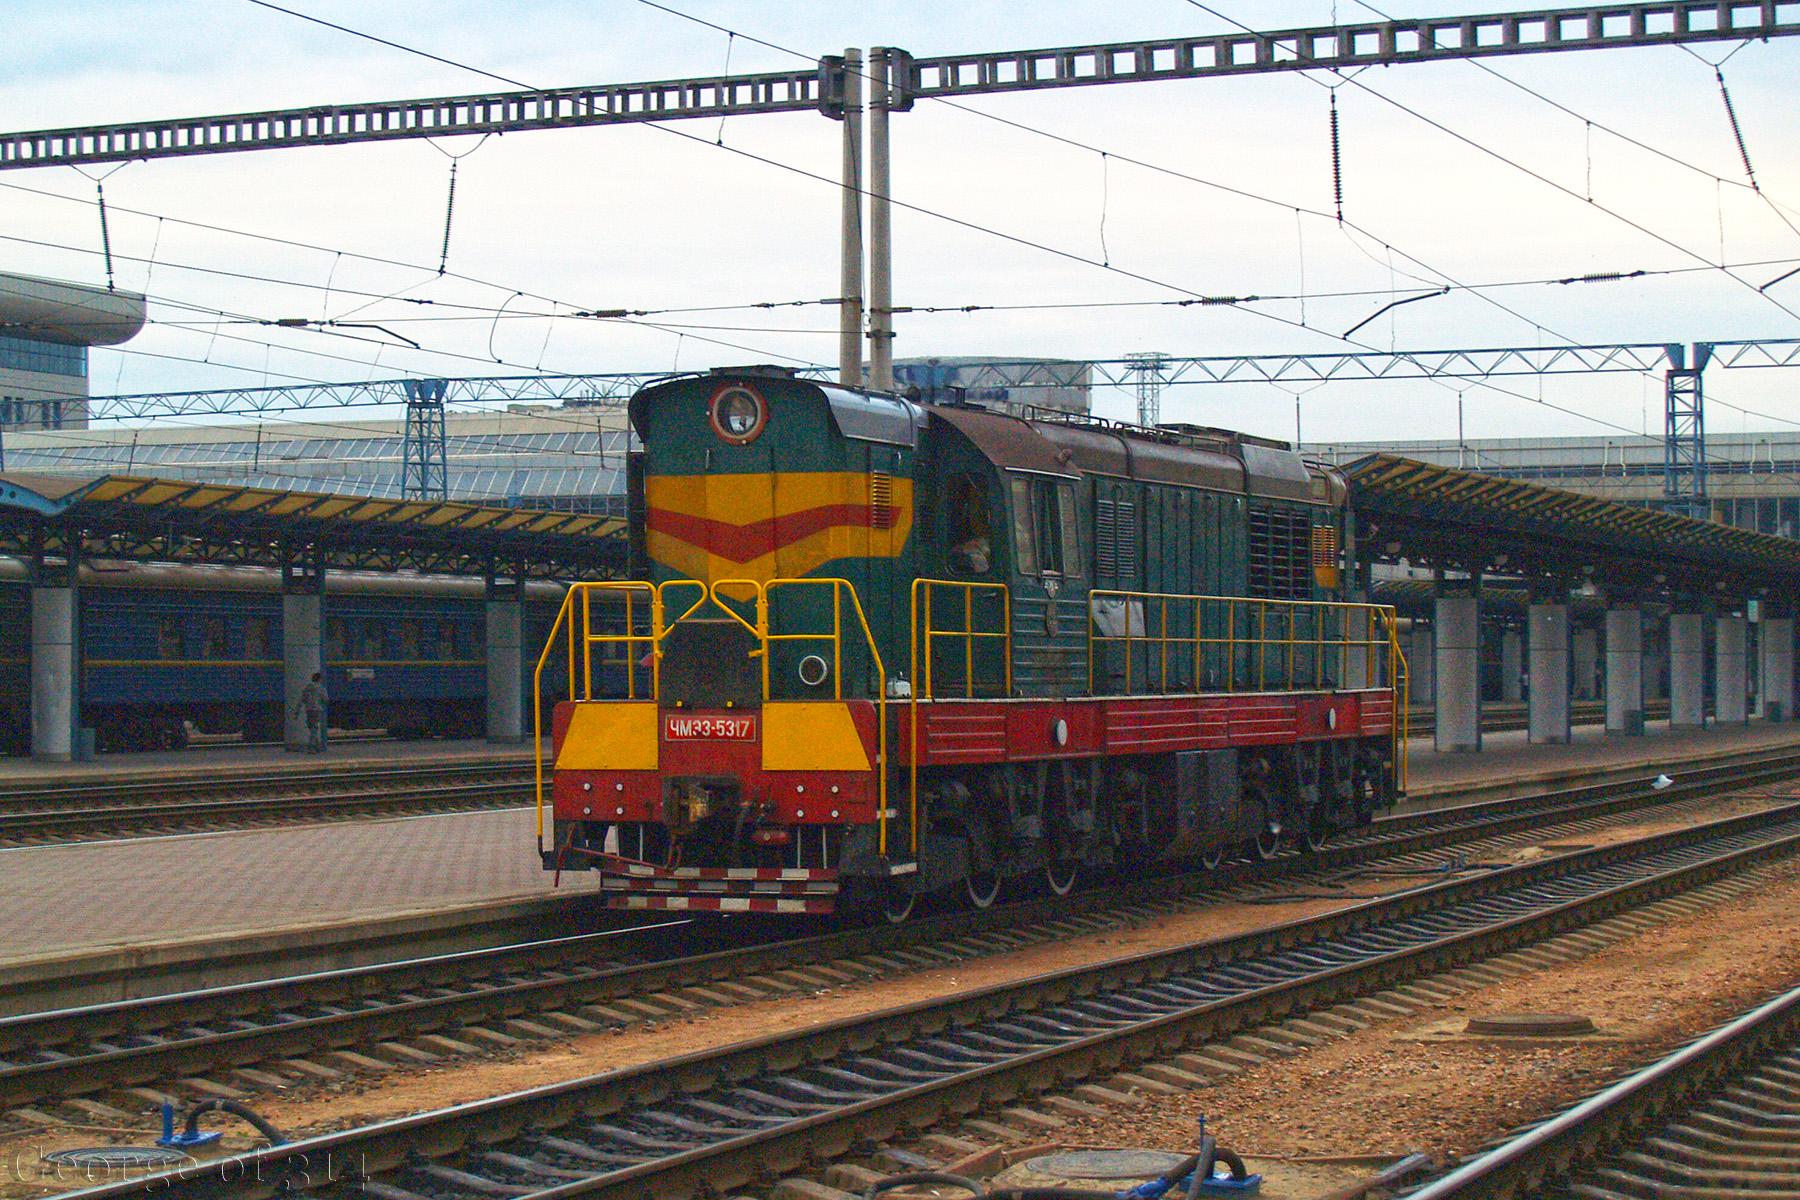 Тепловоз ЧМЭ3-5317, ст. Київ-Пасажирський